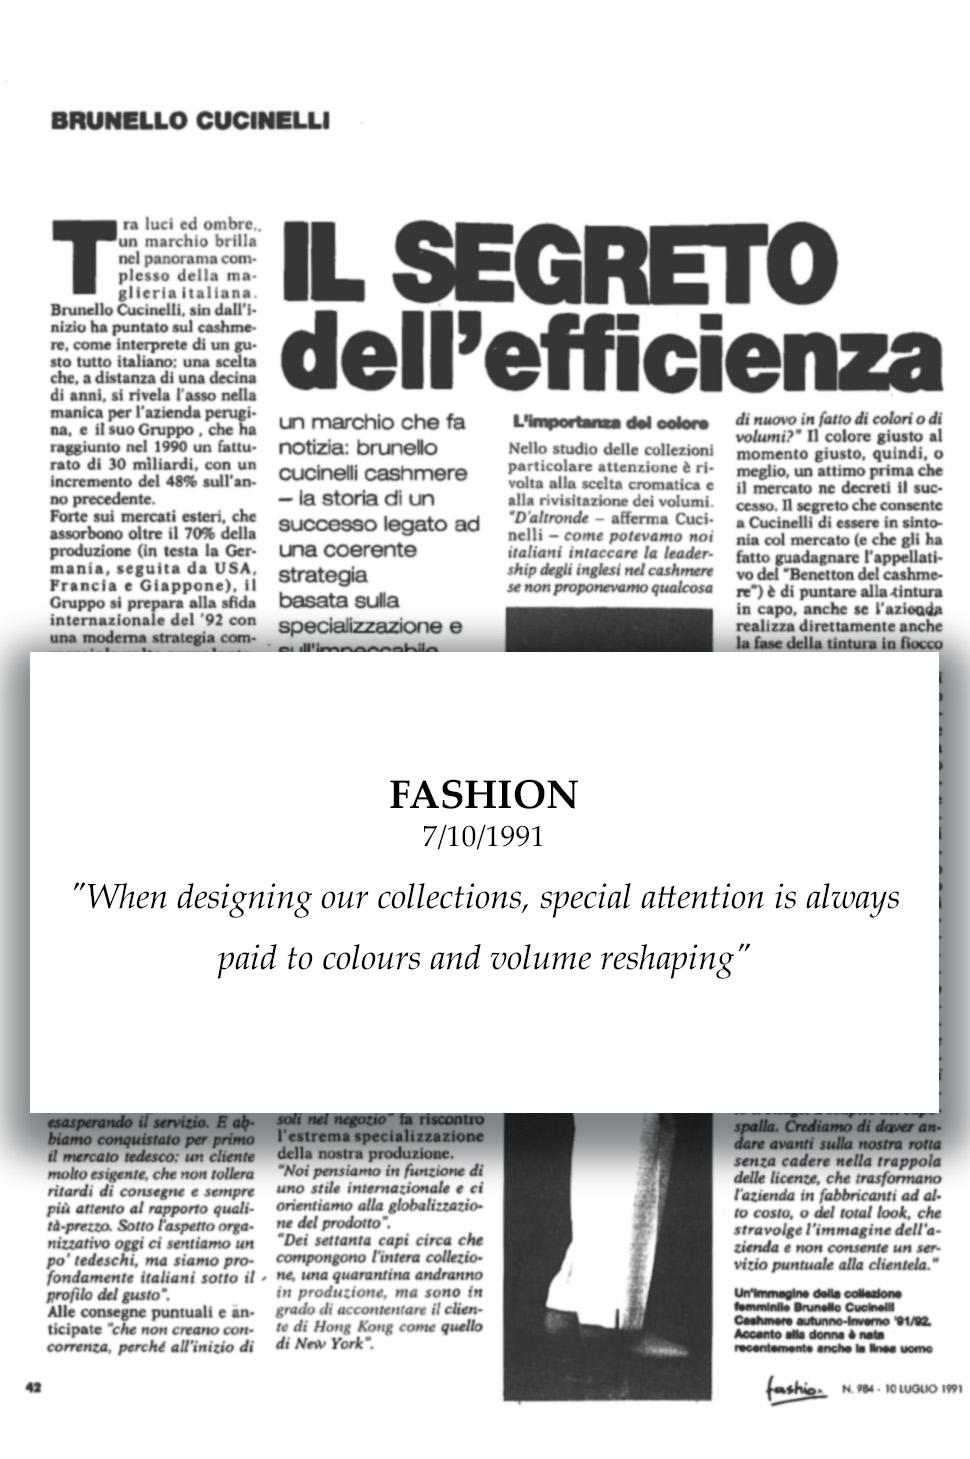 1991 Fashion